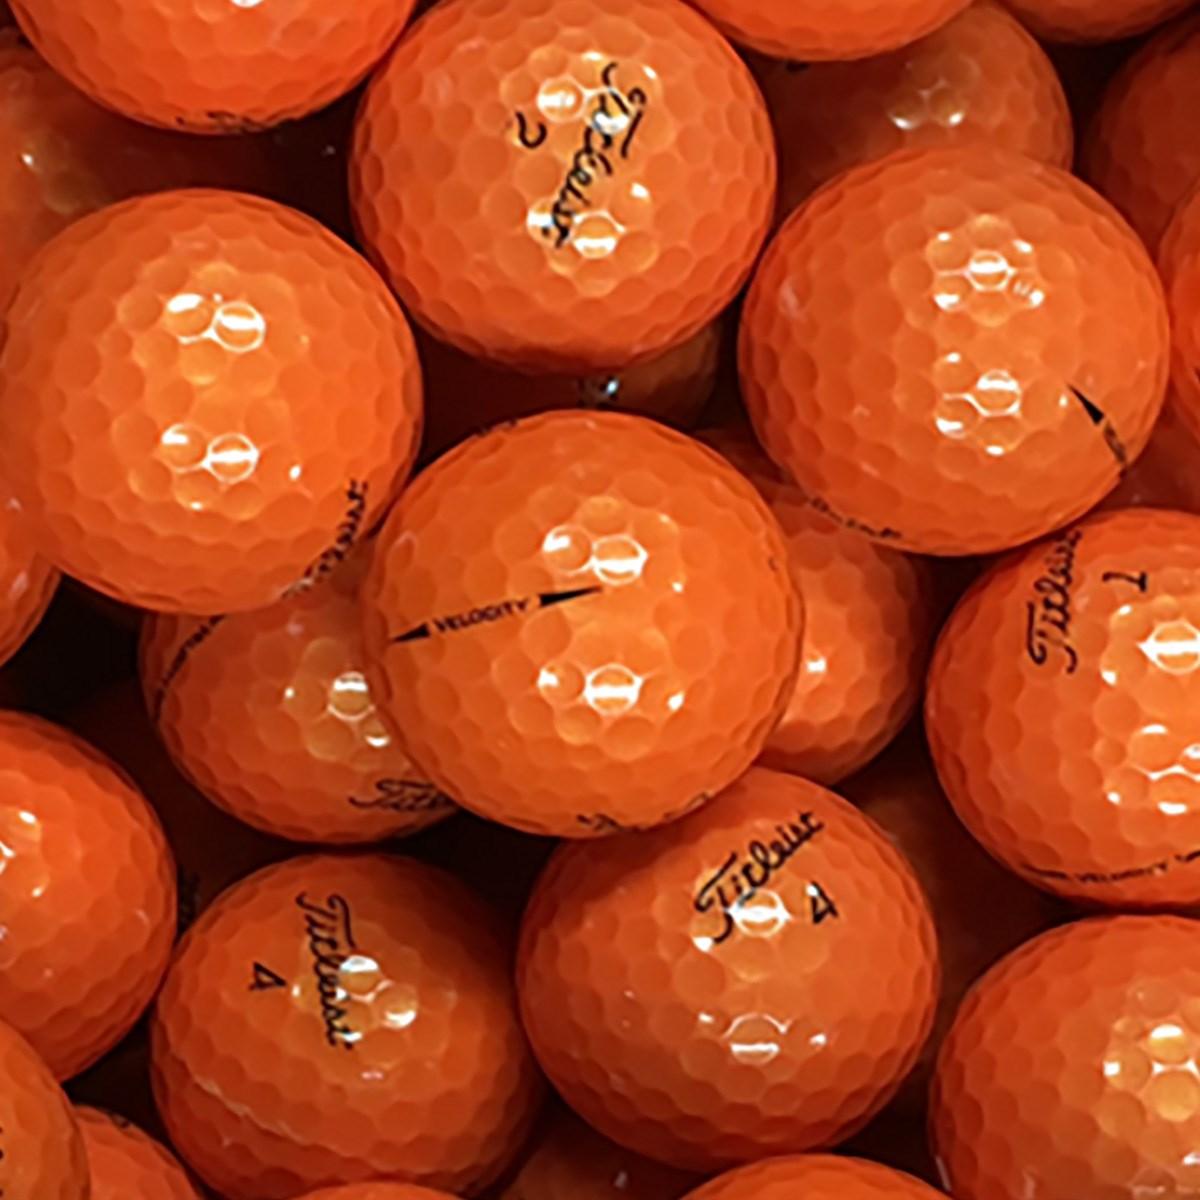 ロストボール タイトリスト混合 Sランク オレンジ系 20個セット